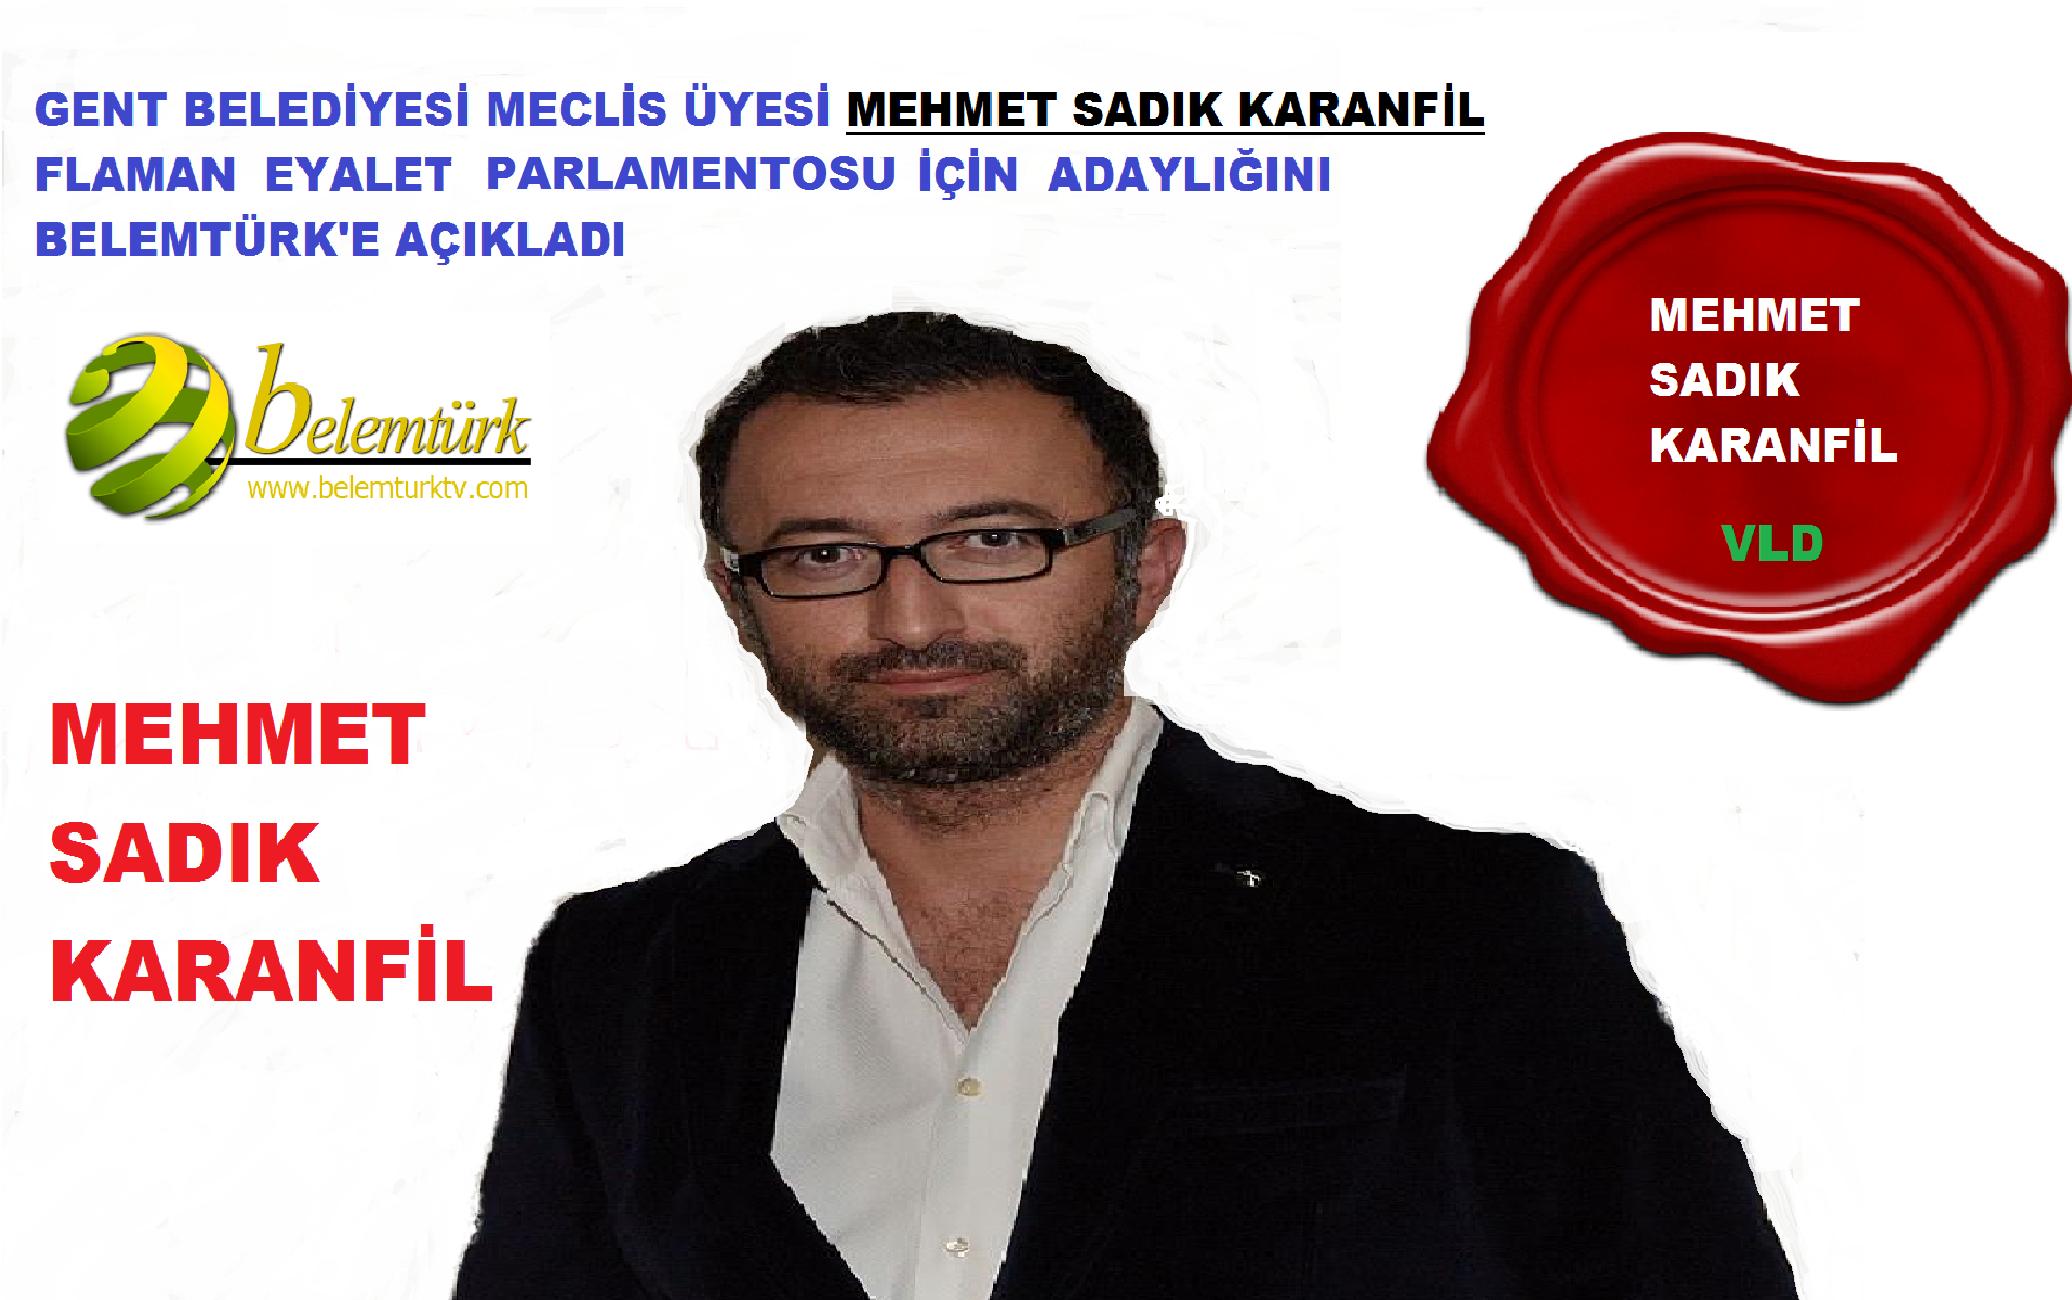 Mehmet Sadık Karanfil Flaman Parlamentosu Adaylığını Açıkladı